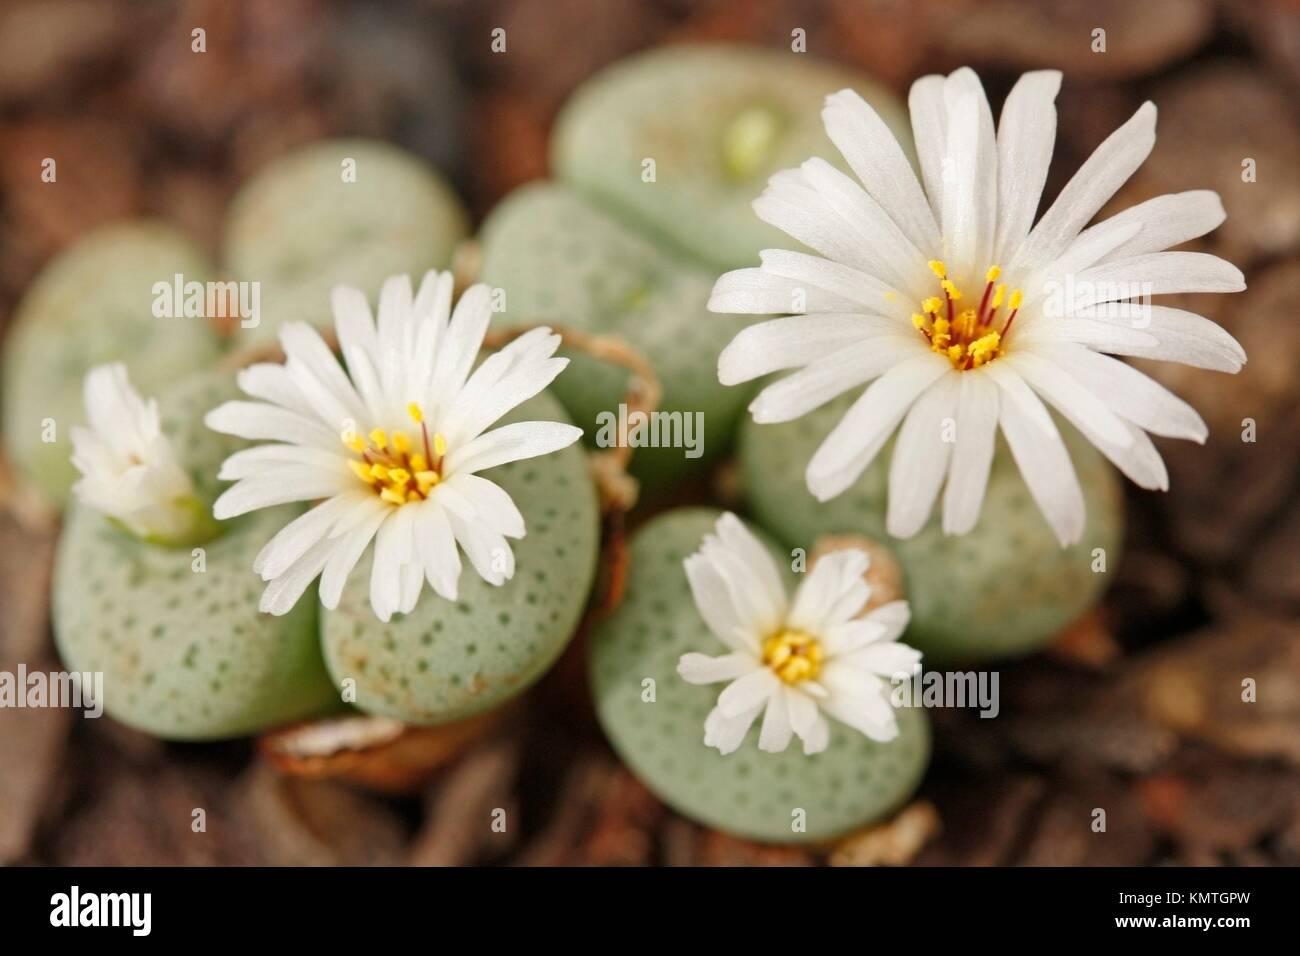 Conophytum jucundum ssp. fragile Stock Photo: 167726465 - Alamy